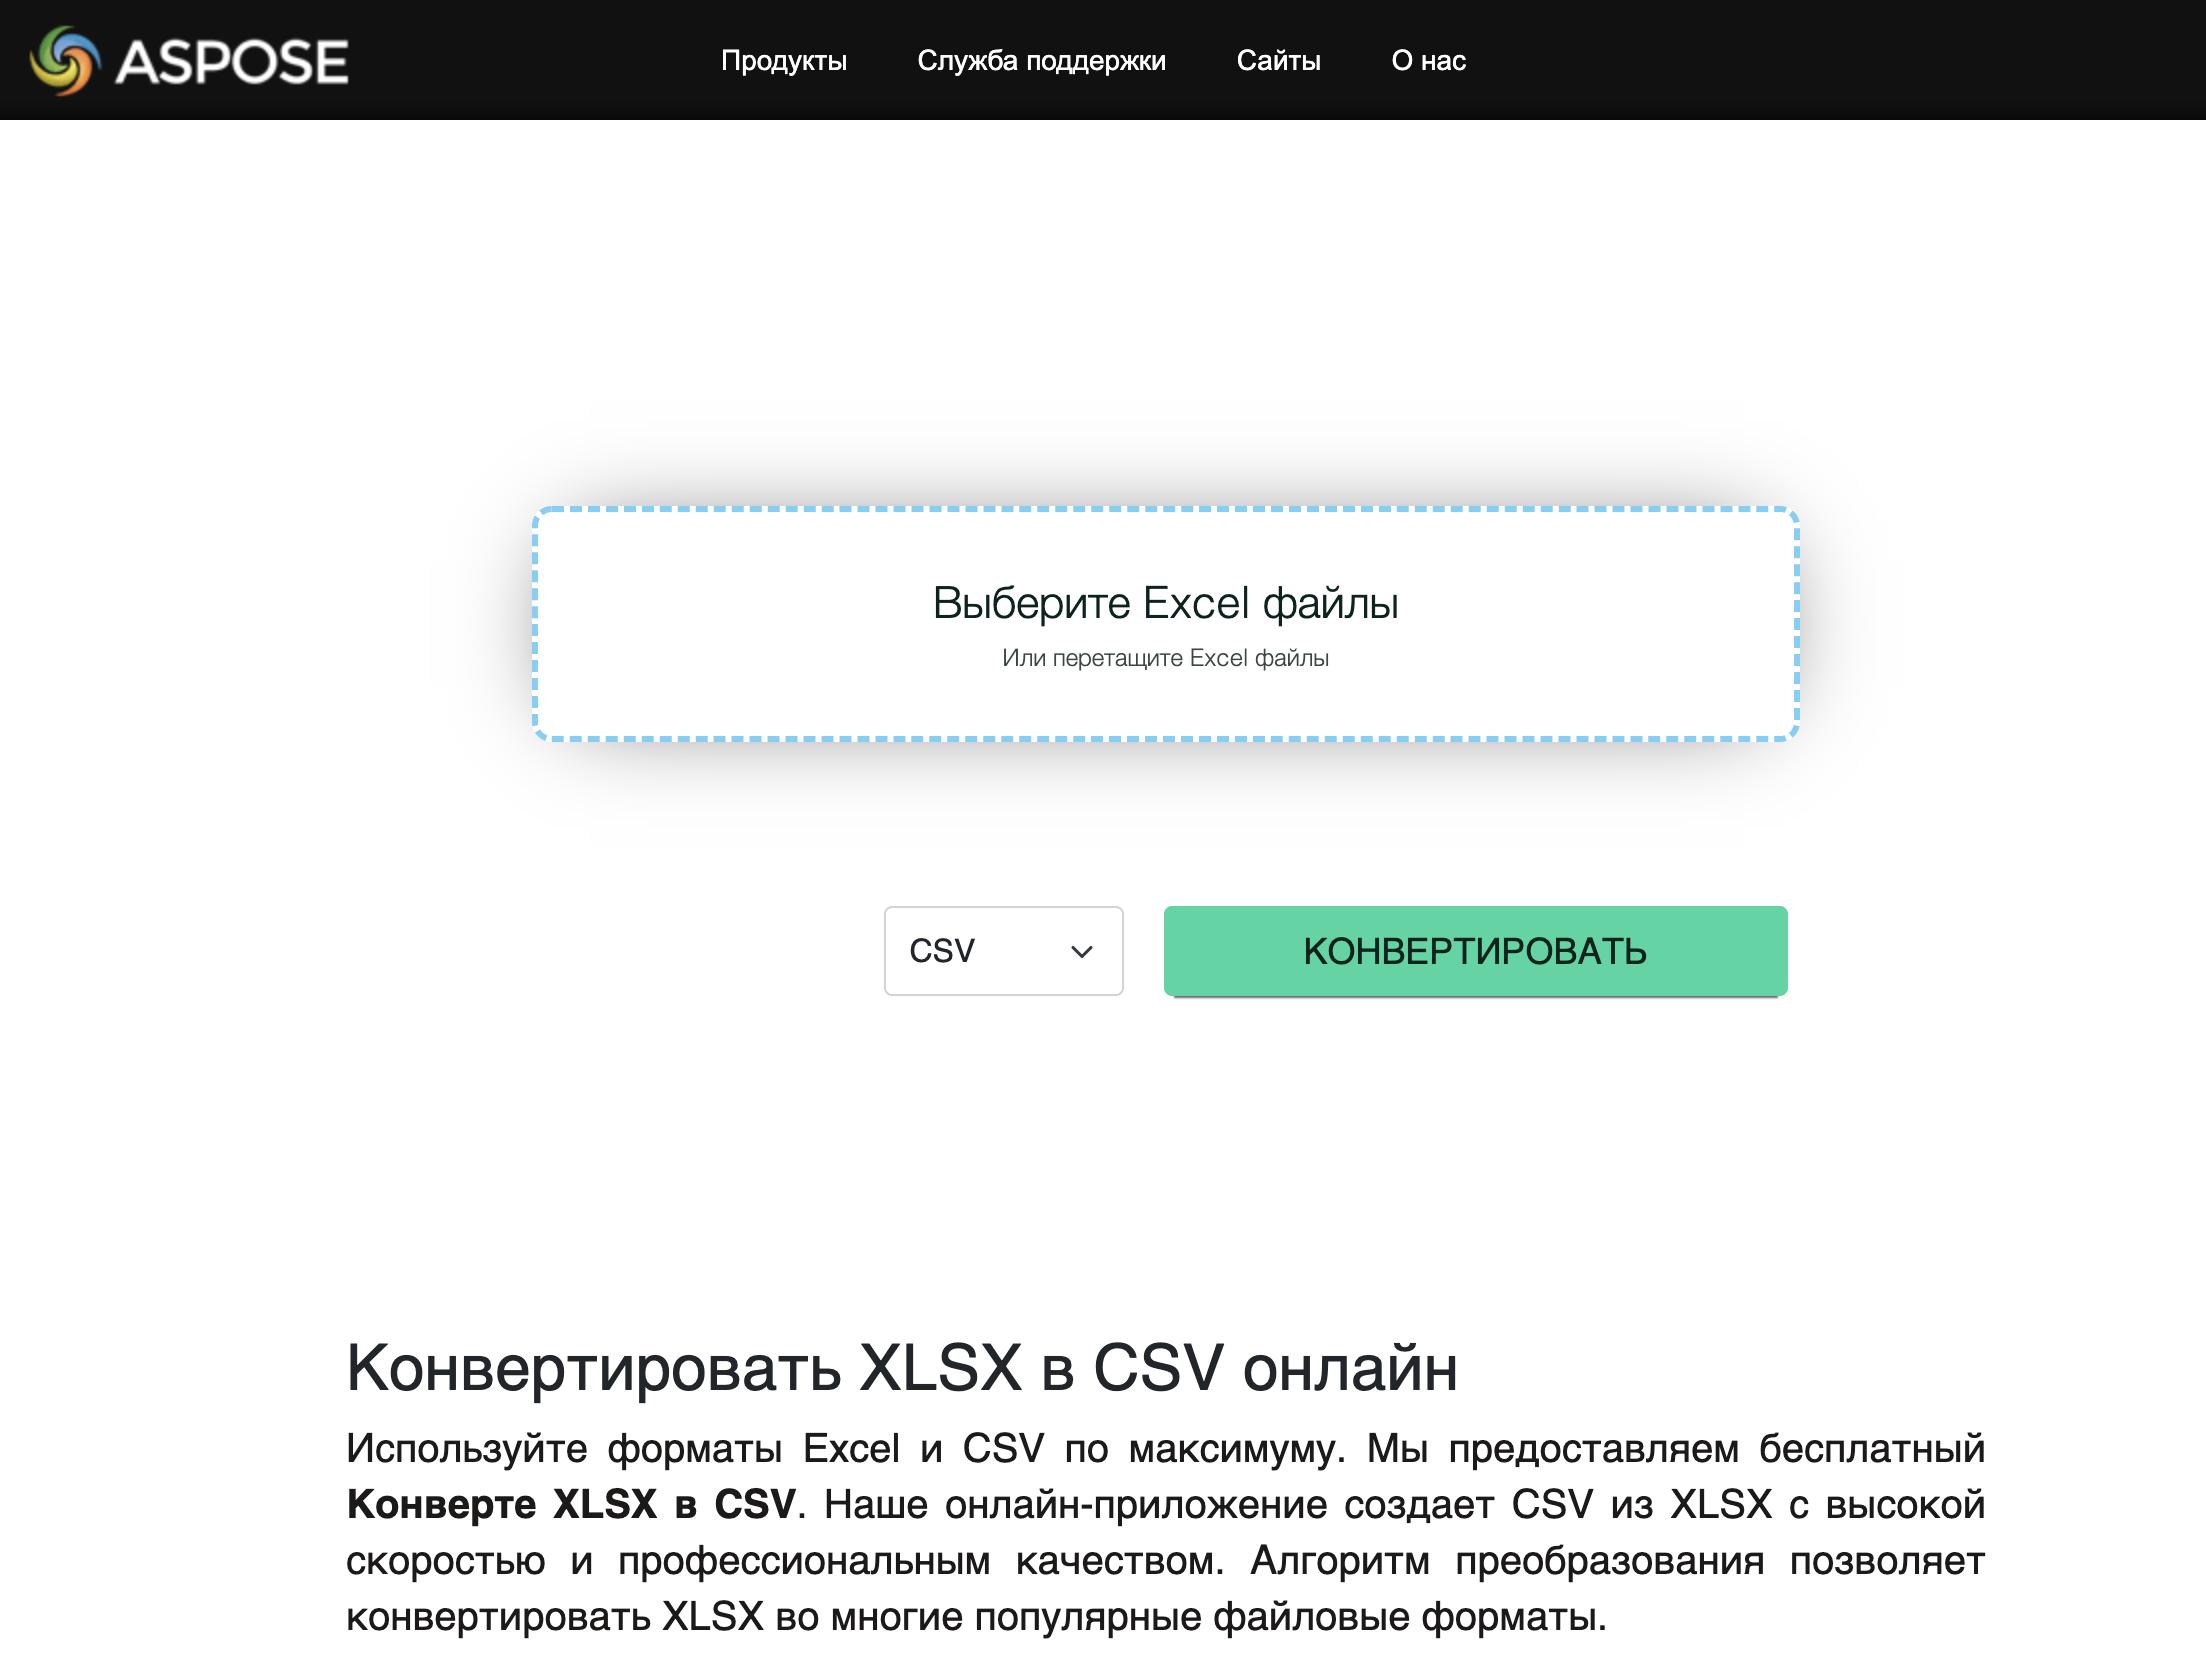 эксель в csv онлайн (как перевести документ) - aspose конвектор